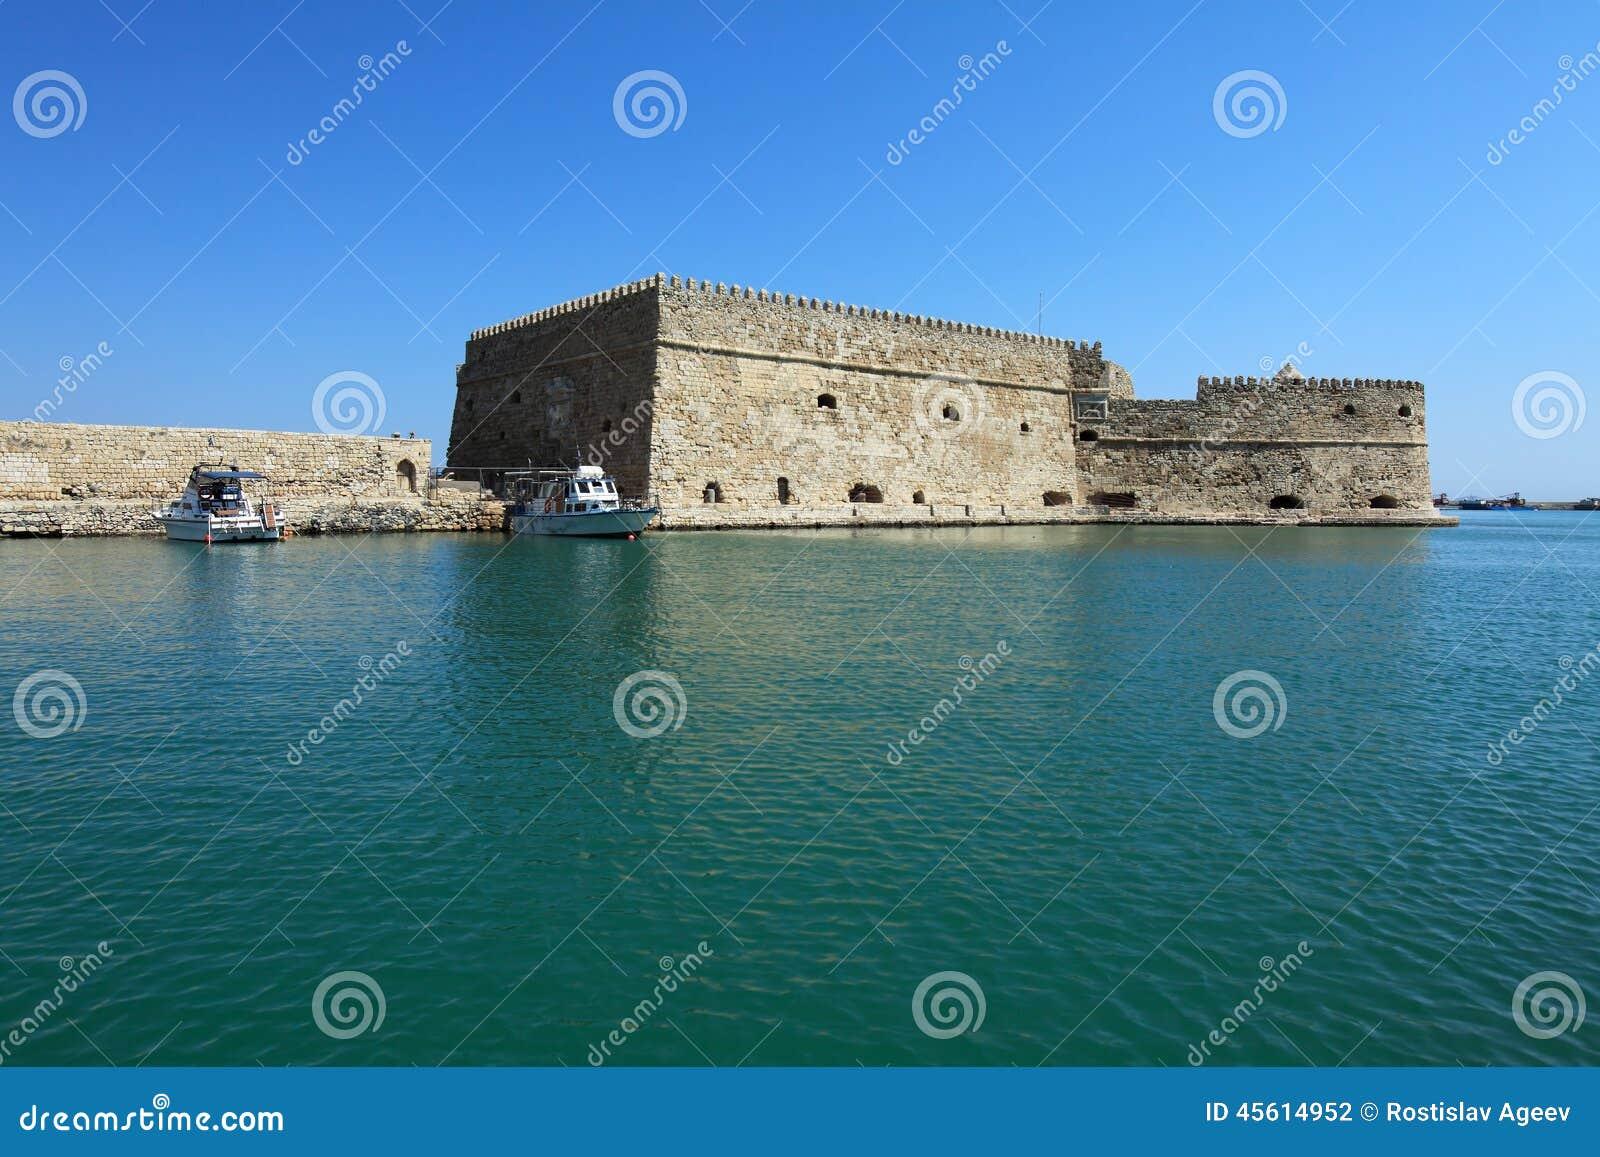 Гавань ираклиона и крепость, Крит